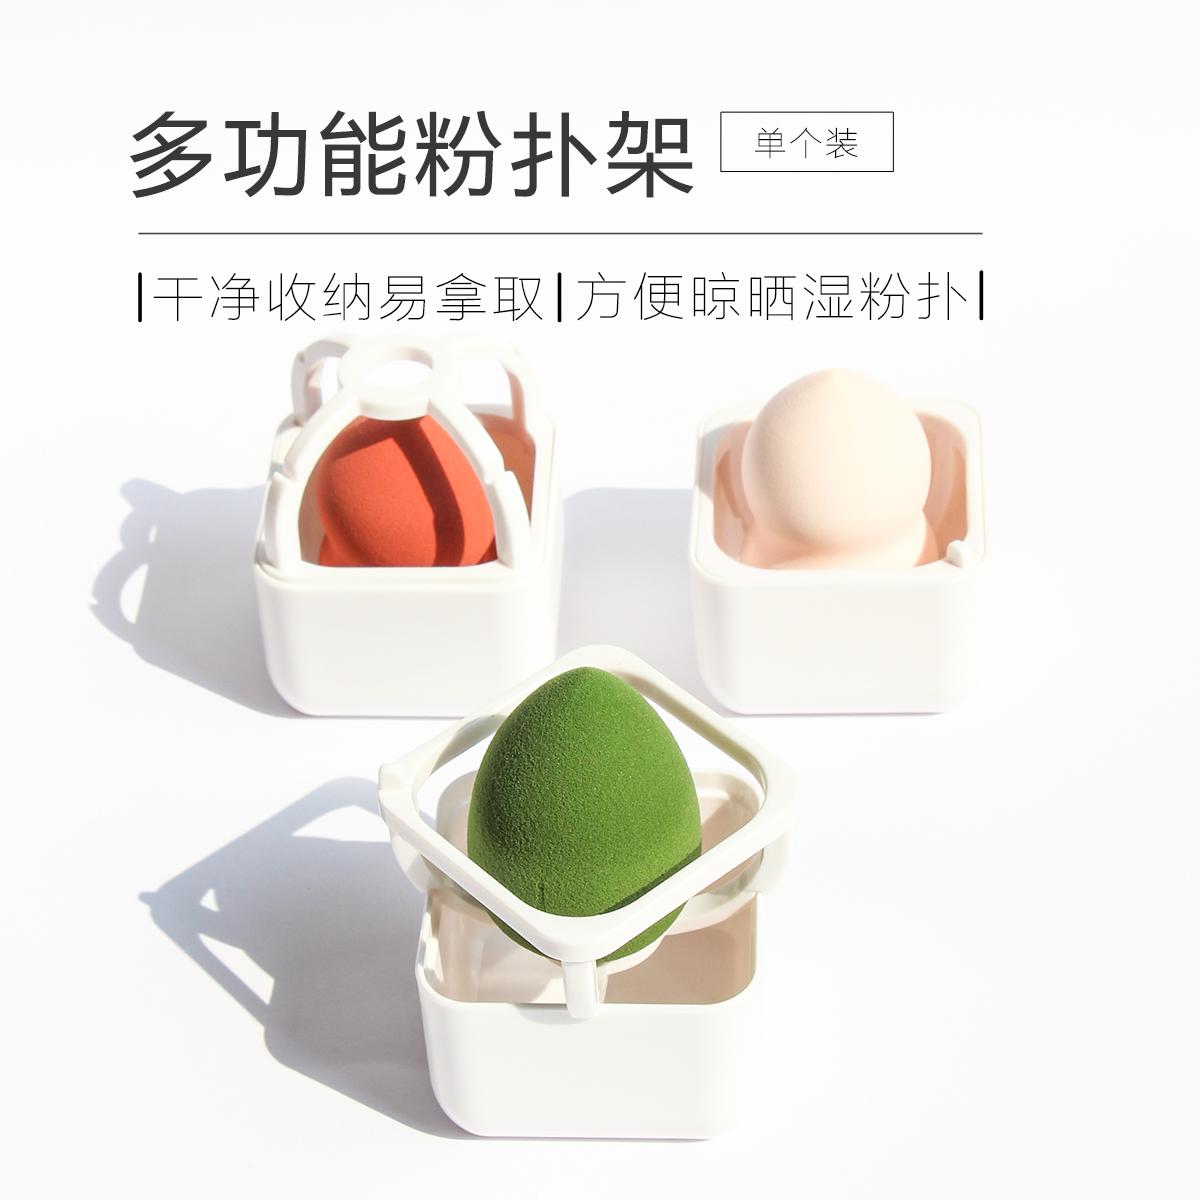 美妆蛋架子葫芦粉扑收纳盒简约ins风化妆蛋海绵蛋托晾晒沥干支架